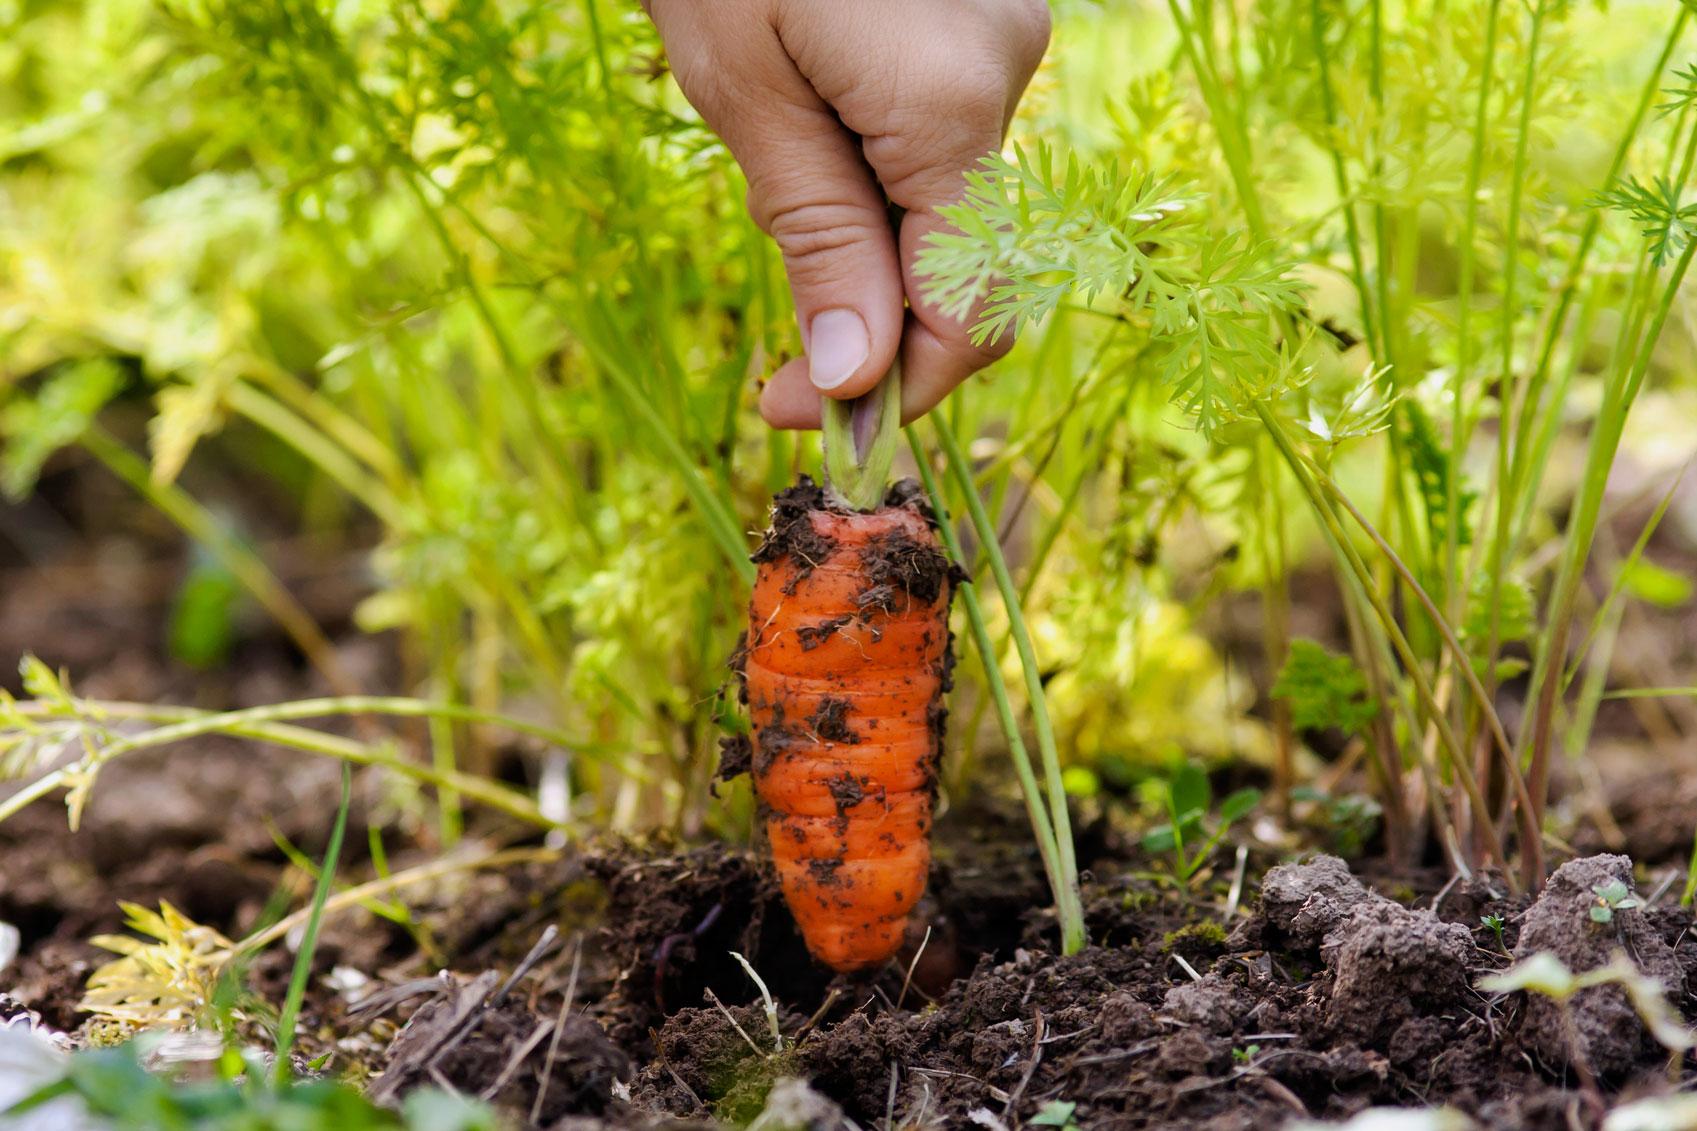 Посадка моркови осенью под зиму: как и когда сажать, подходящие сорта